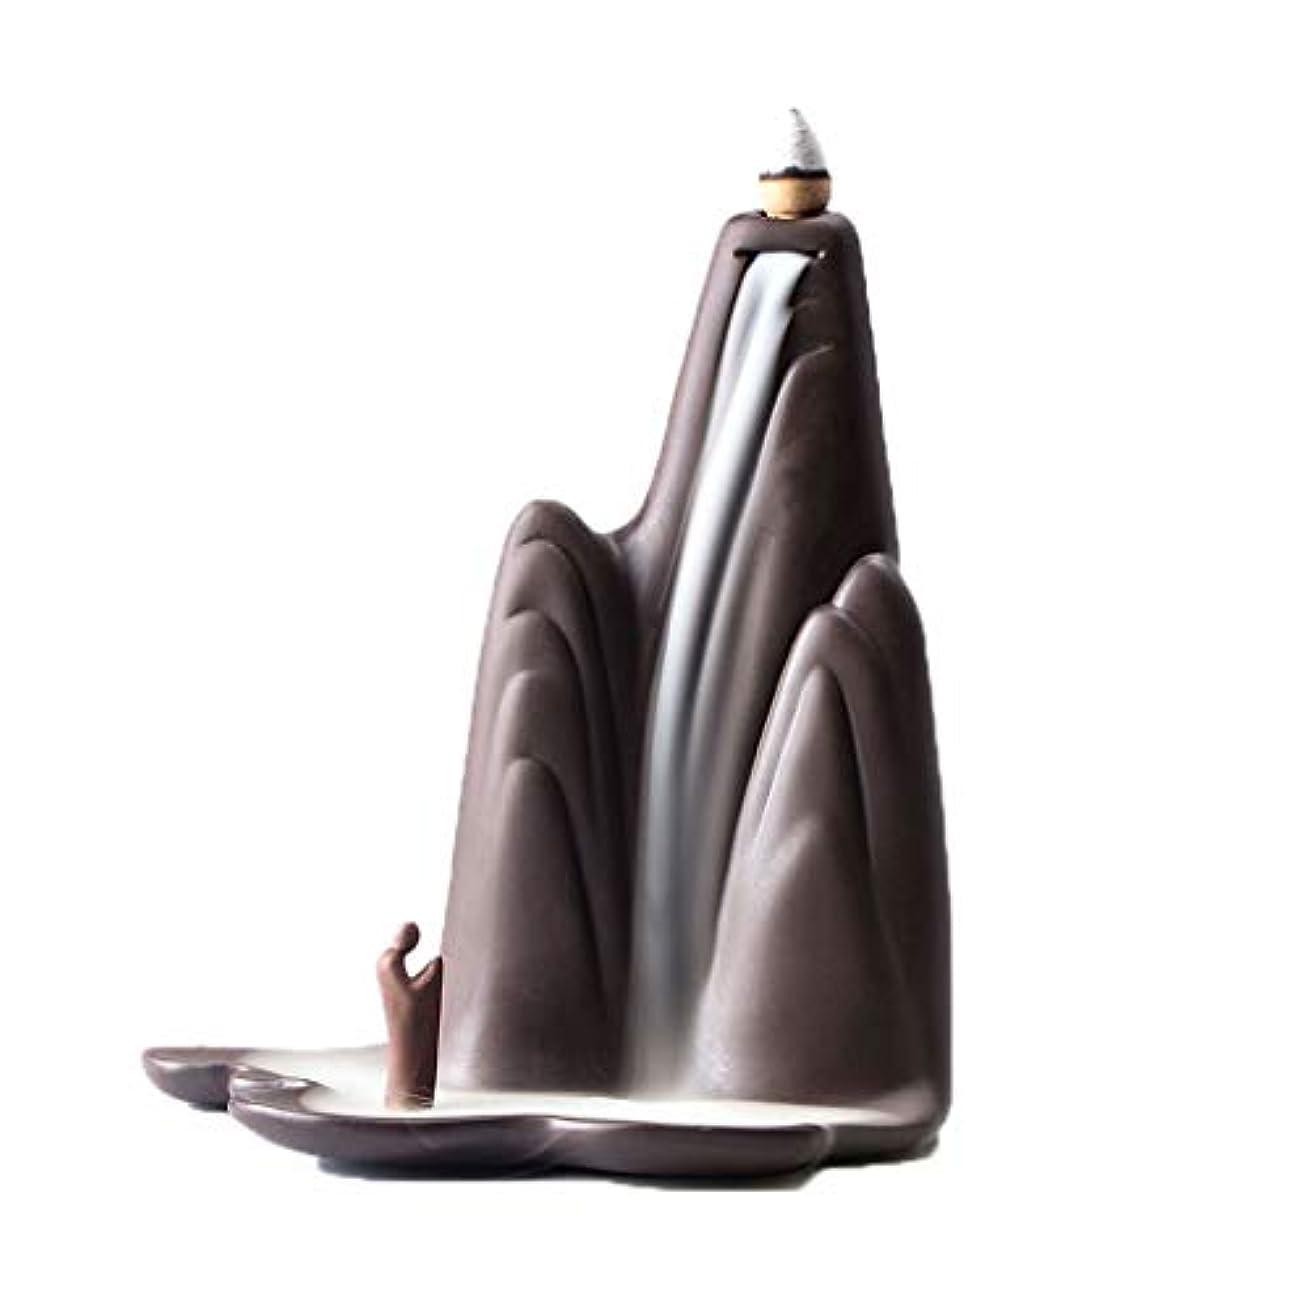 精度依存するスイス人芳香器?アロマバーナー レトロな懐かしい香炉紫砂香バーナー屋内茶道香バーナーアロマセラピー炉 アロマバーナー (Color : Purple sand)